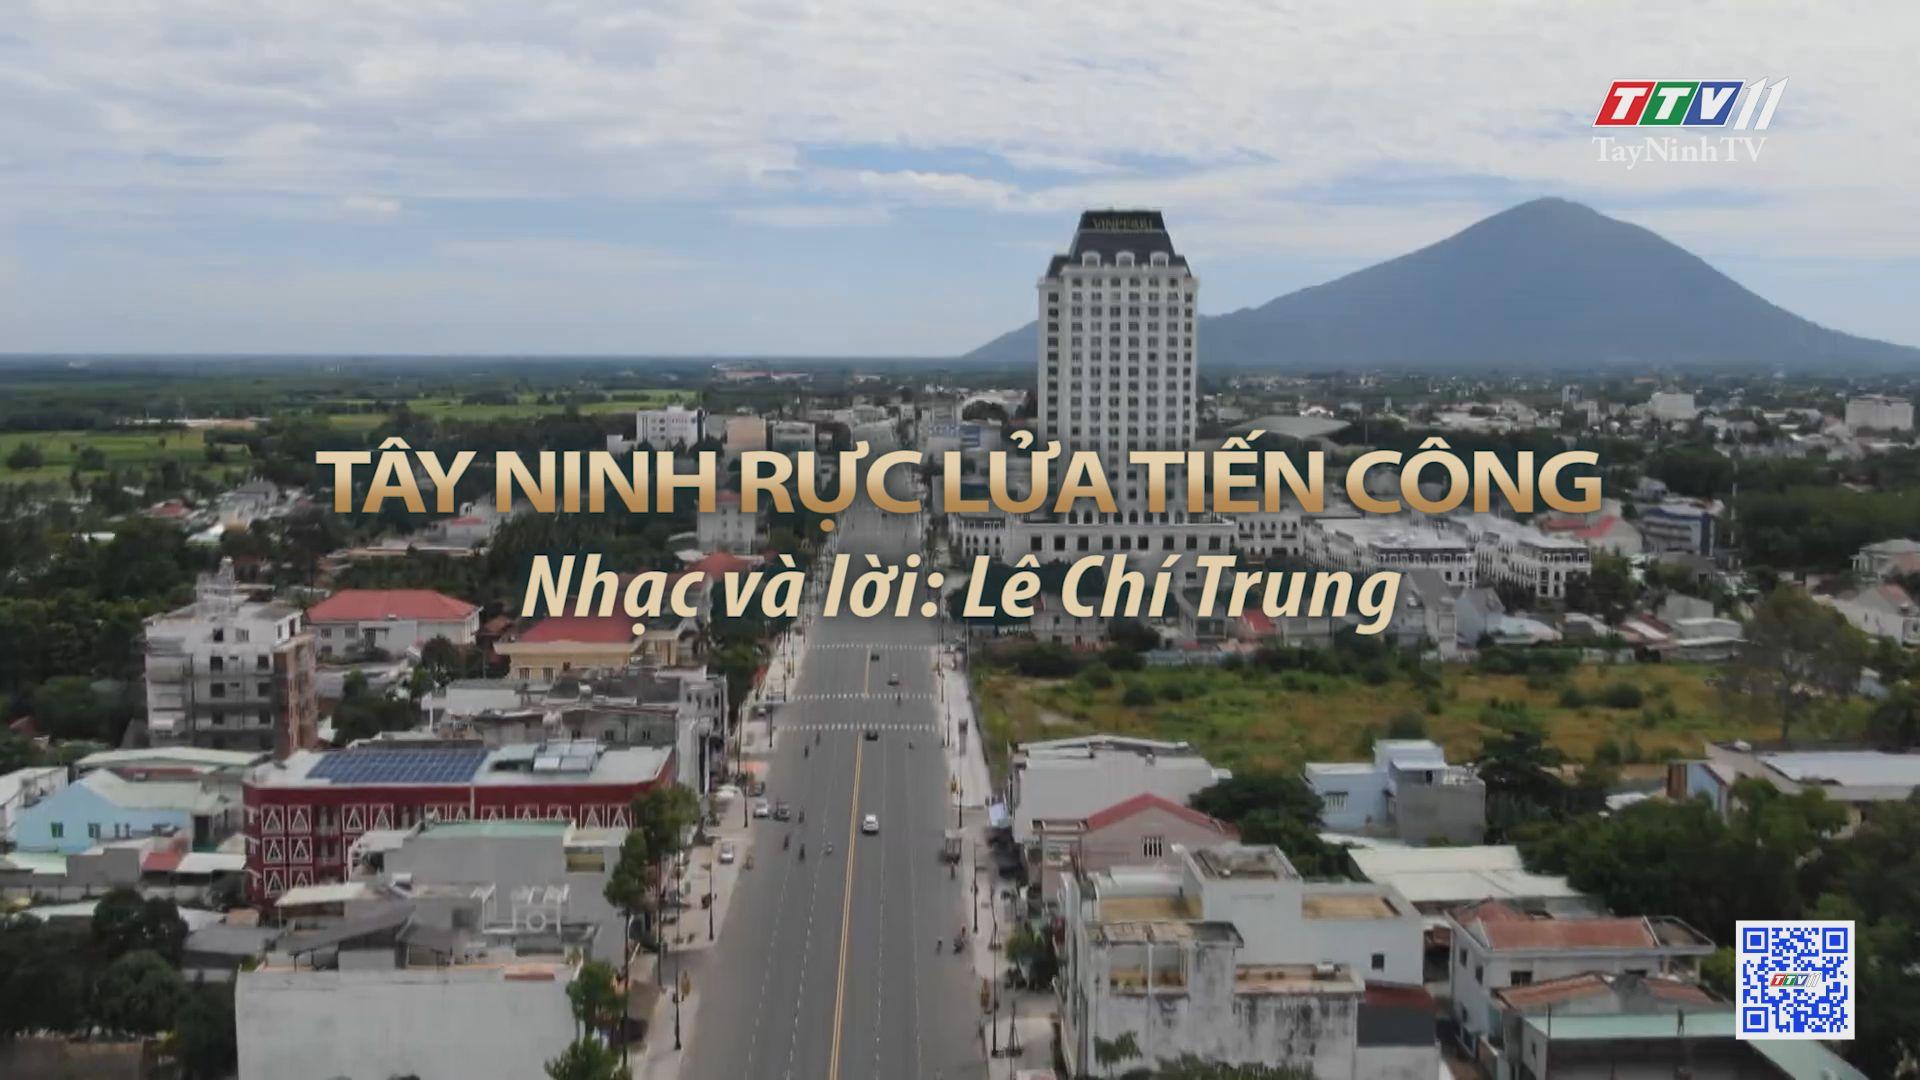 Tây Ninh rực lửa tiến công | Tuyển tập karaoke Tây Ninh tình yêu trong tôi | TayNinhTV